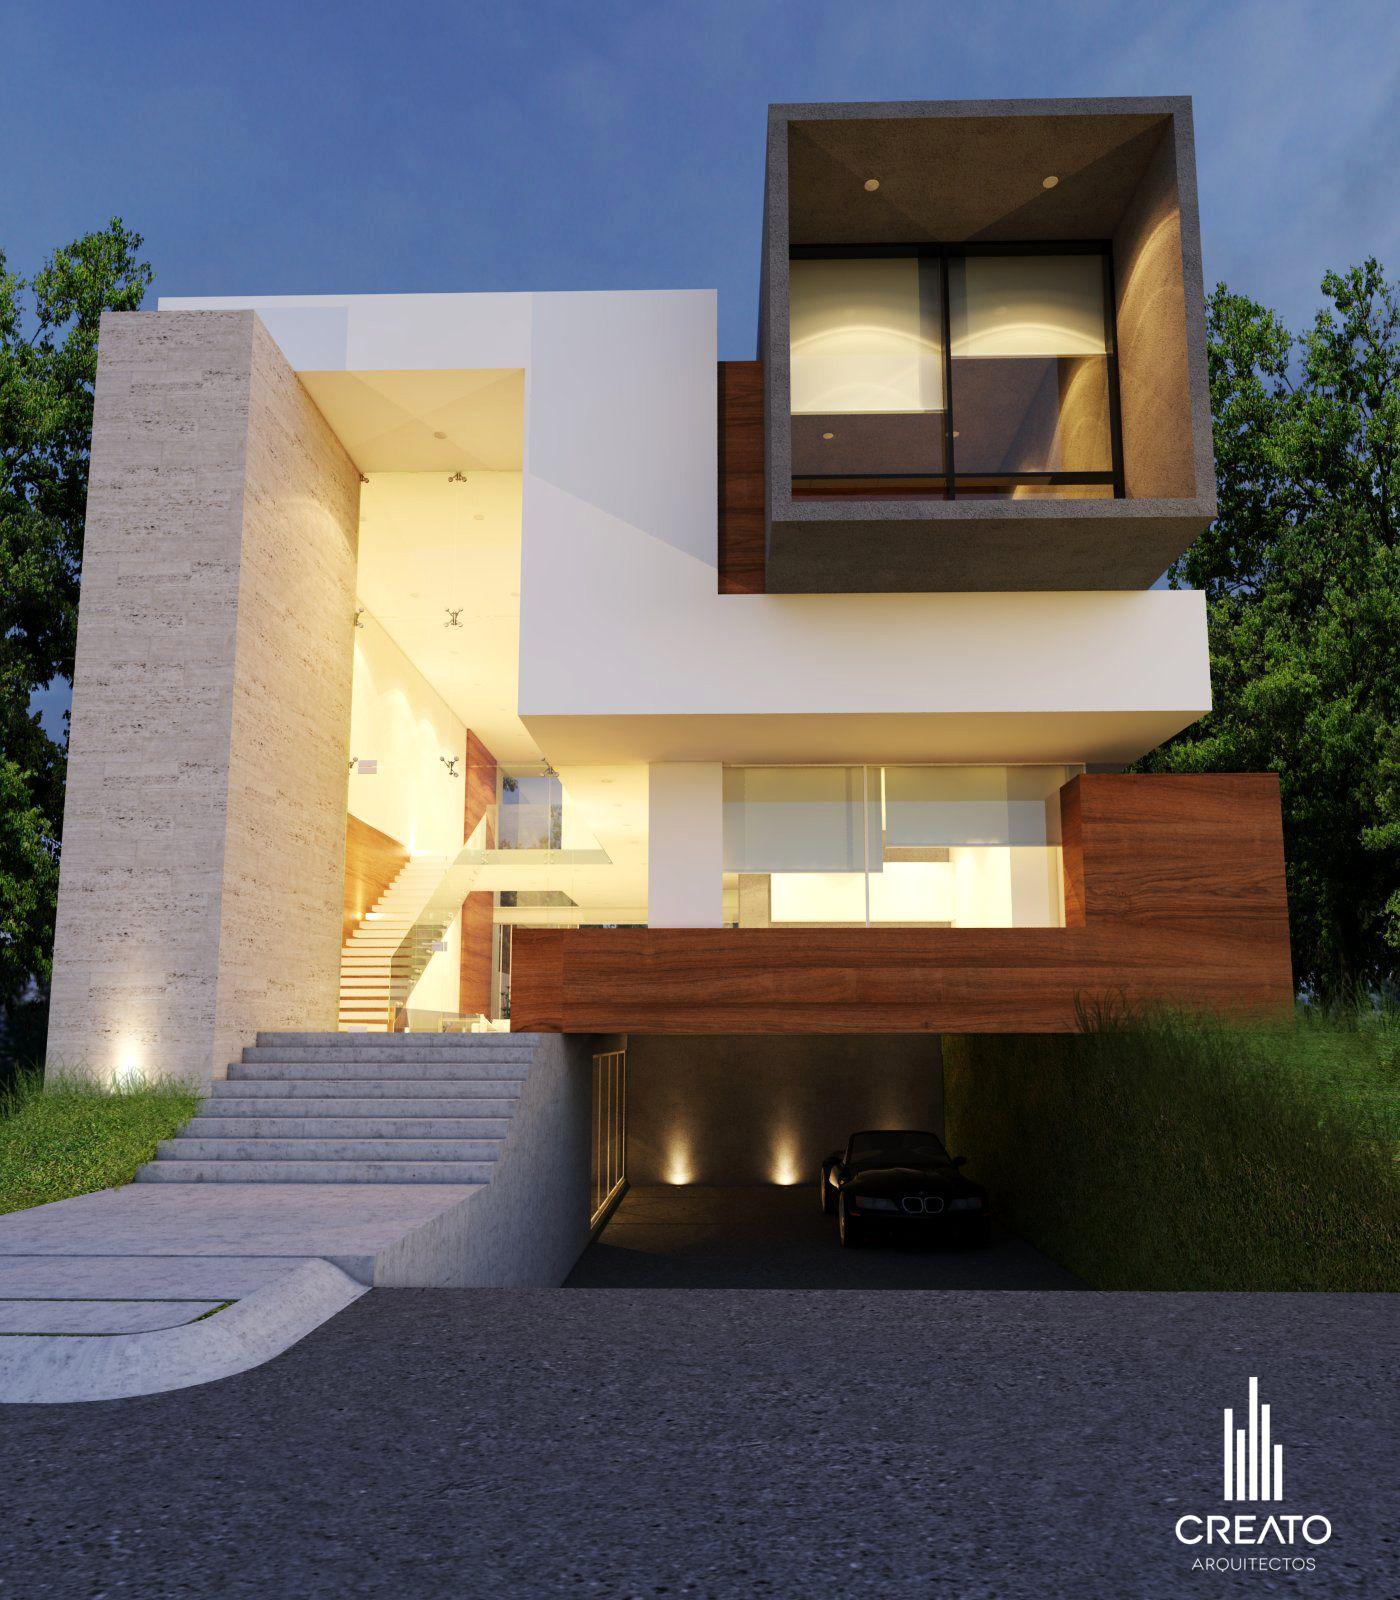 Exterieur moderne de la conception de la maison for Conception maison moderne